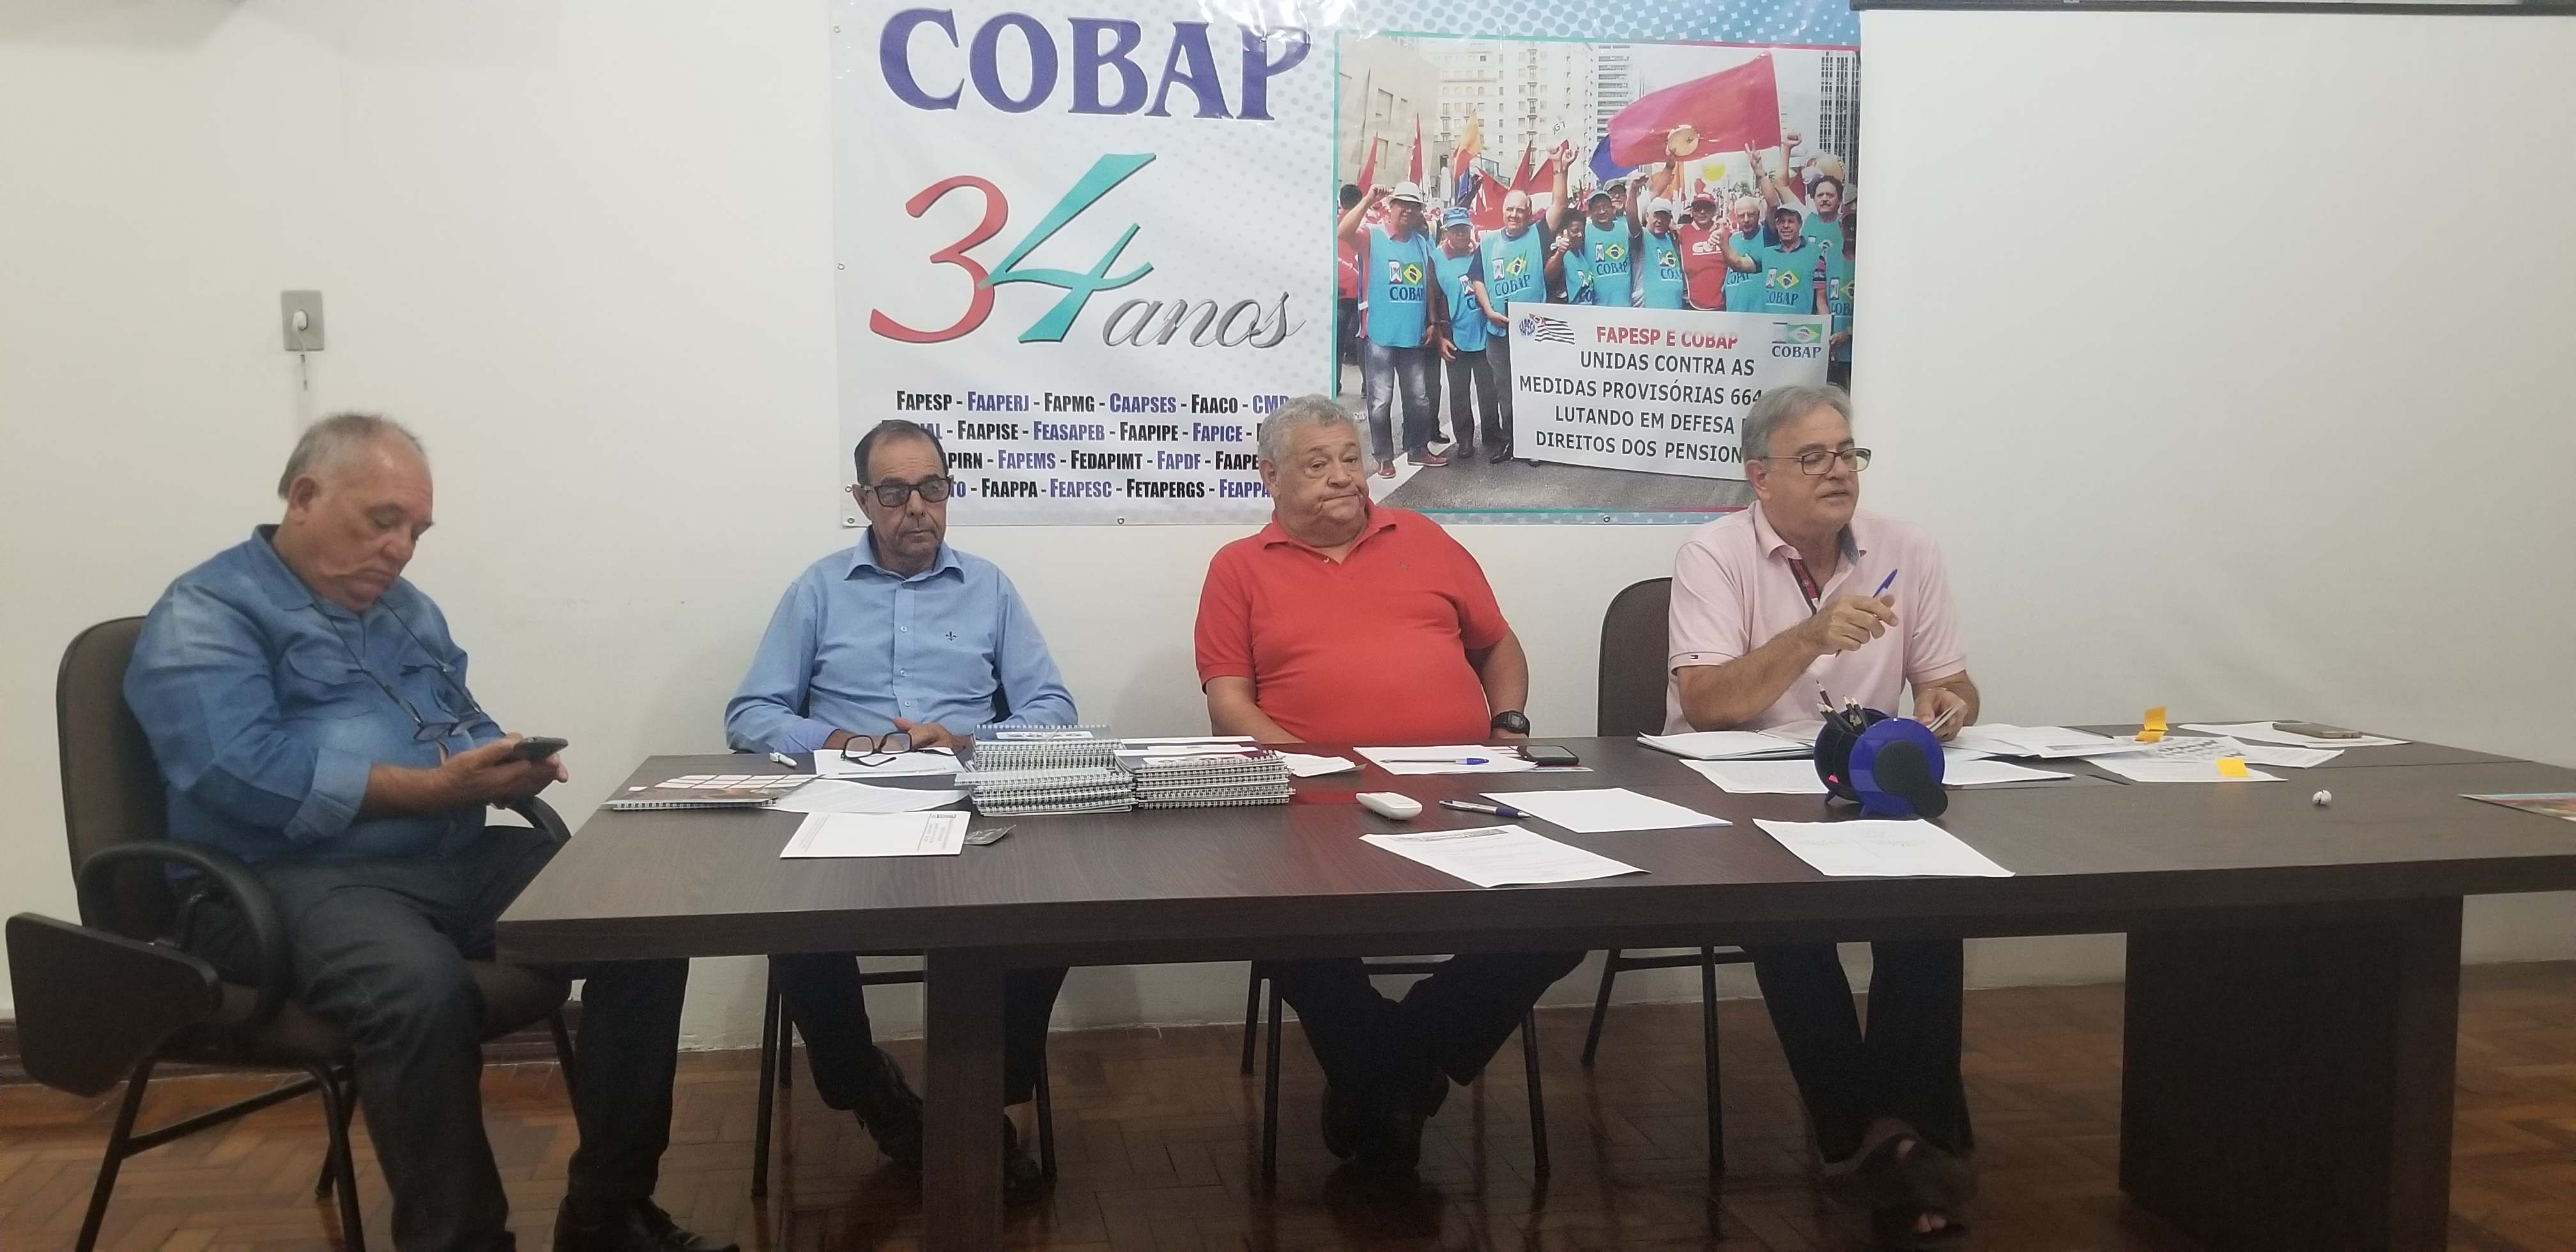 DIREX e CONFIS iniciam primeira semana de reuniões do ano  da COBAP